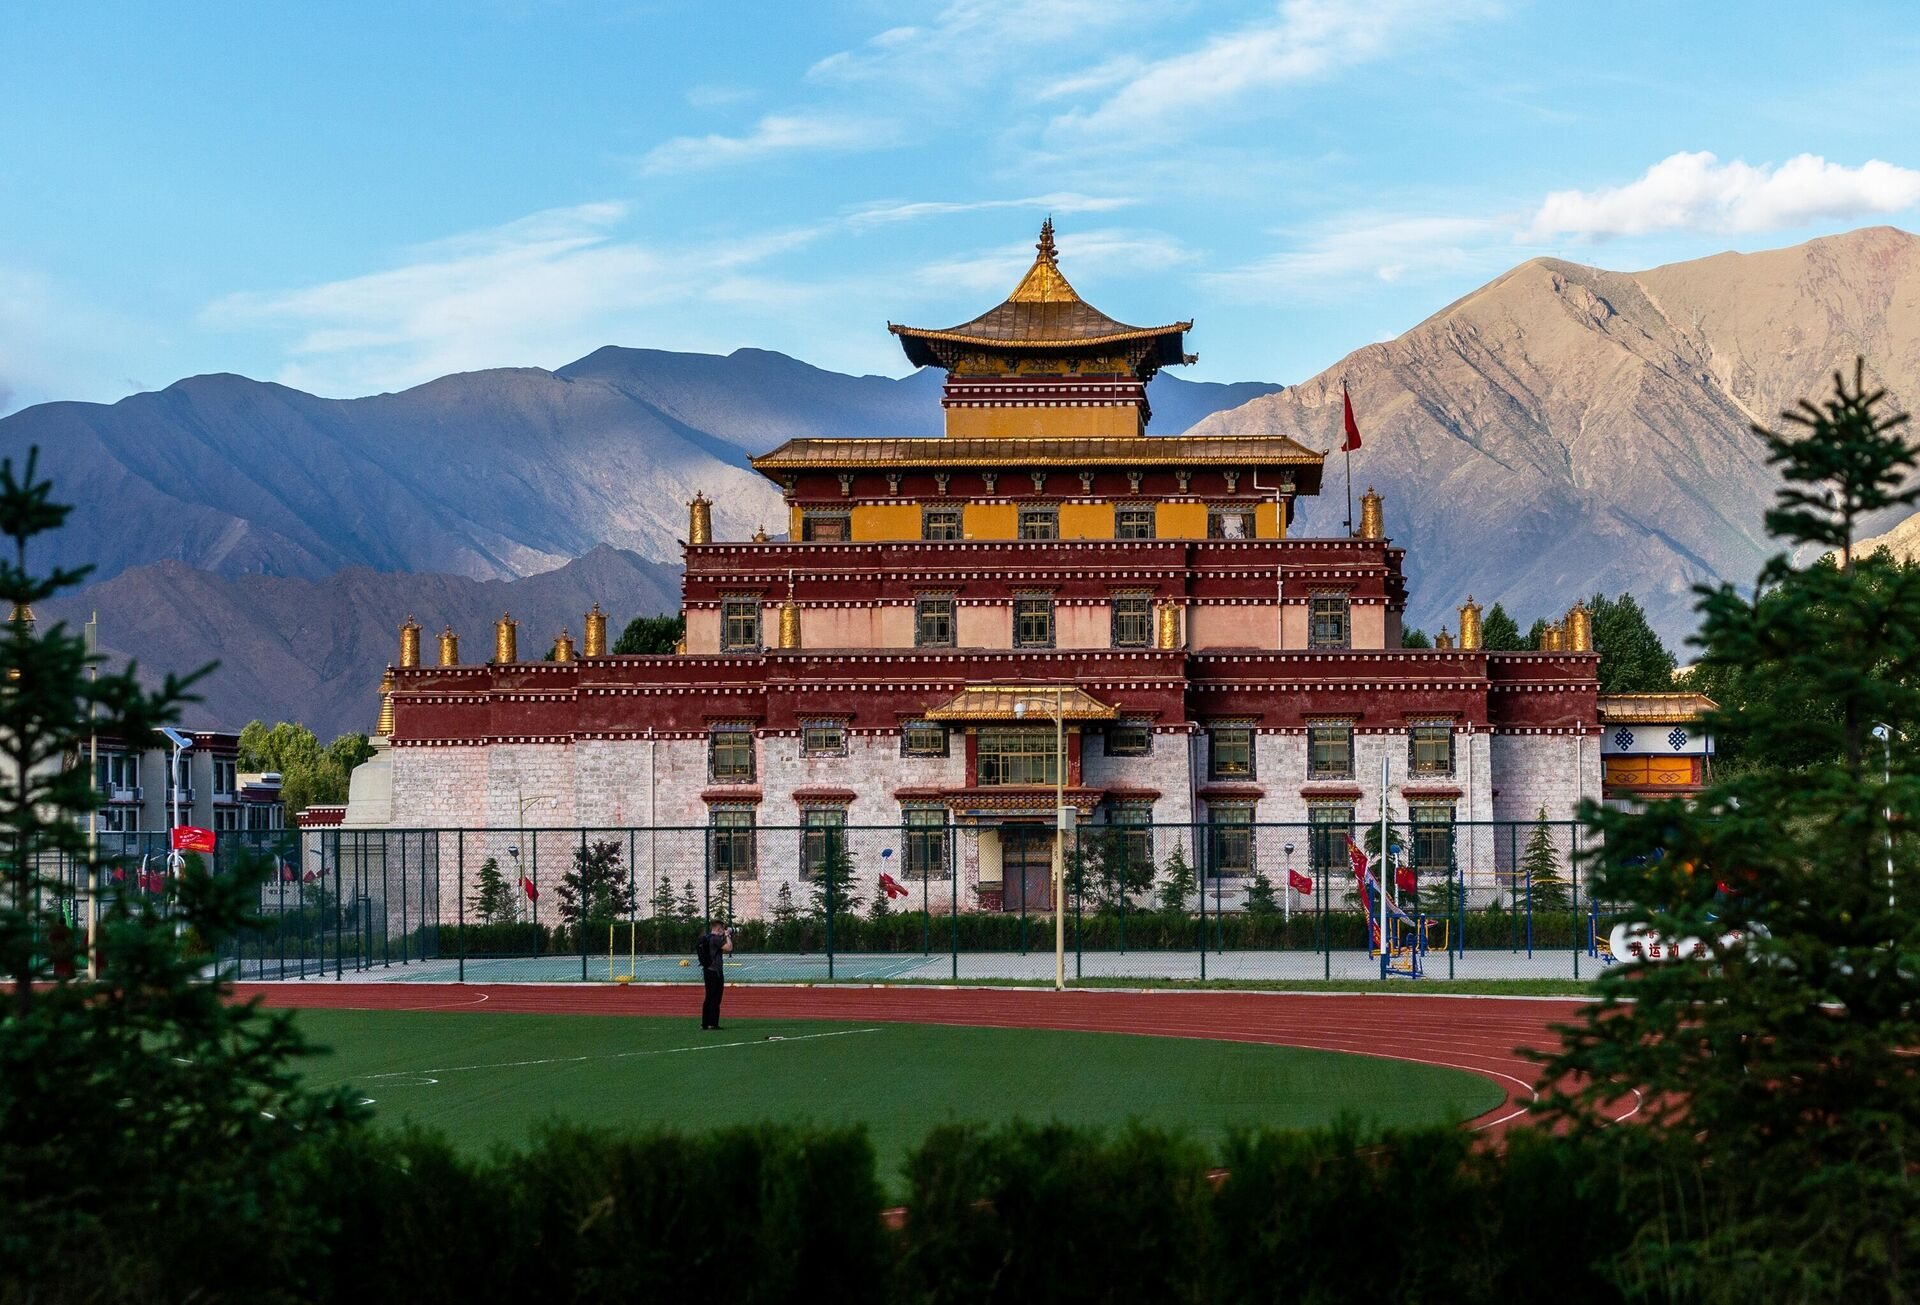 Вид на Буддистский институт в деревне Жэдуй городского округа Лхаса в Тибете - РИА Новости, 1920, 08.06.2021